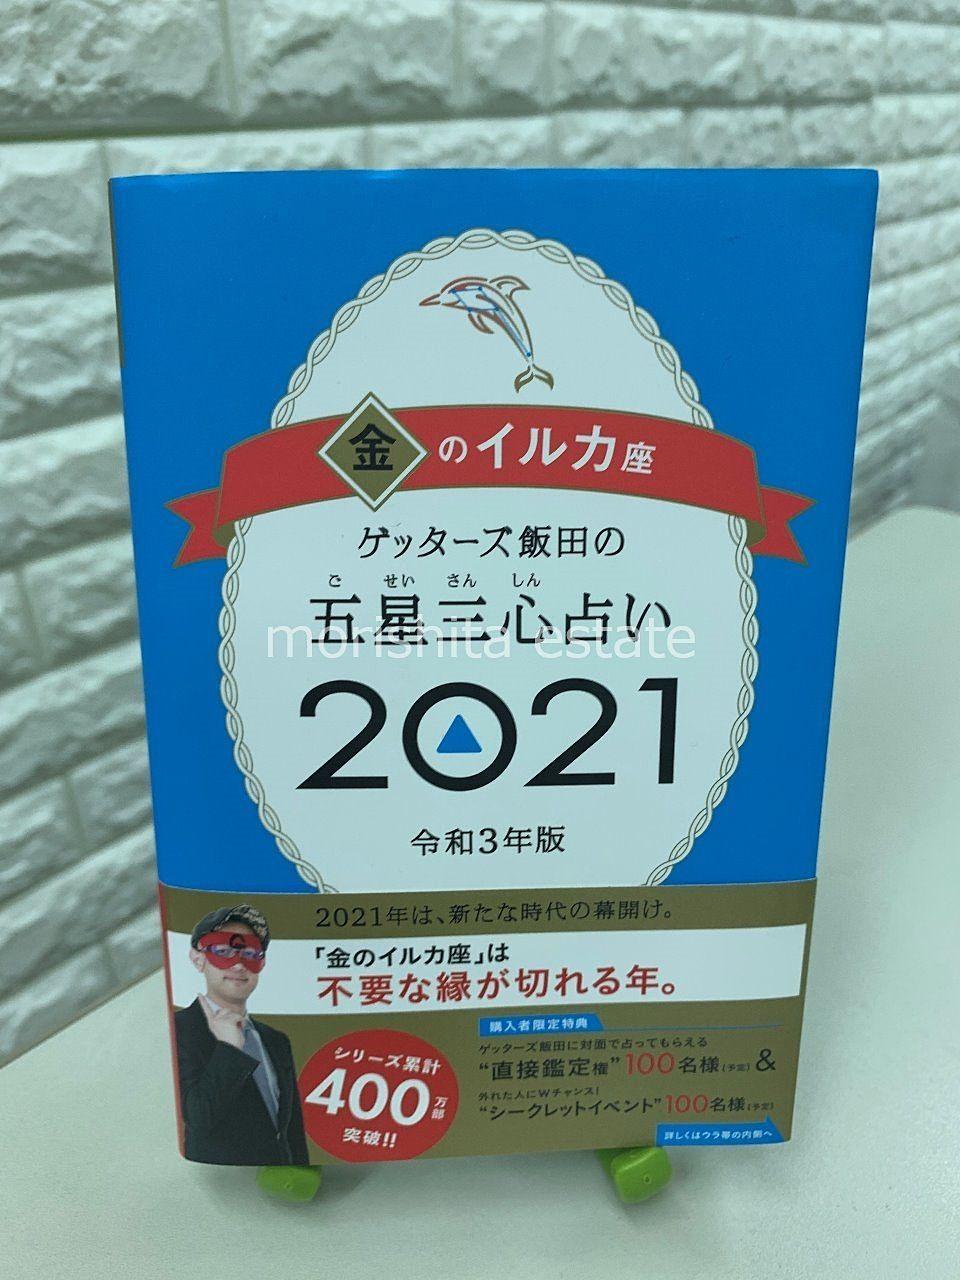 ゲッターズ飯田 五星三心占い 2021年 金のイルカ 写真